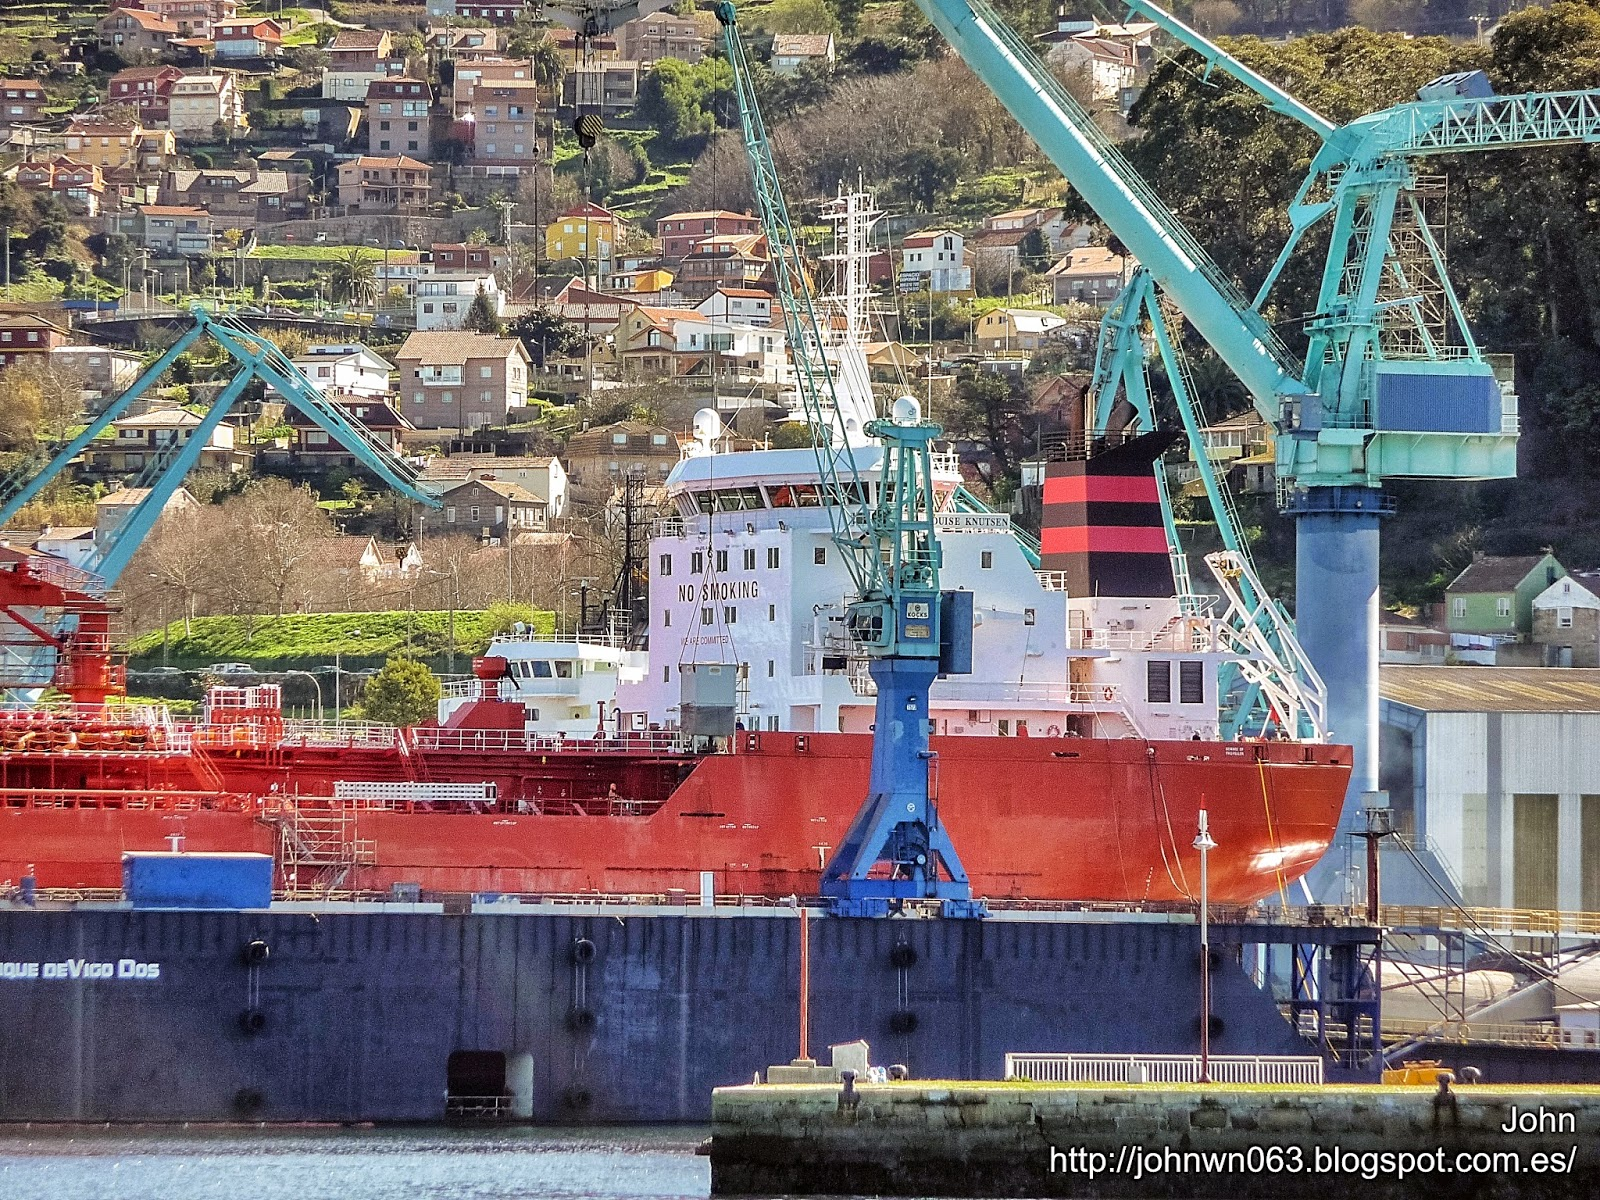 fotos de barcos, imagenes de barcos, louise knutsen, knutsen oas shiping, petroquímico, metalships, vigo